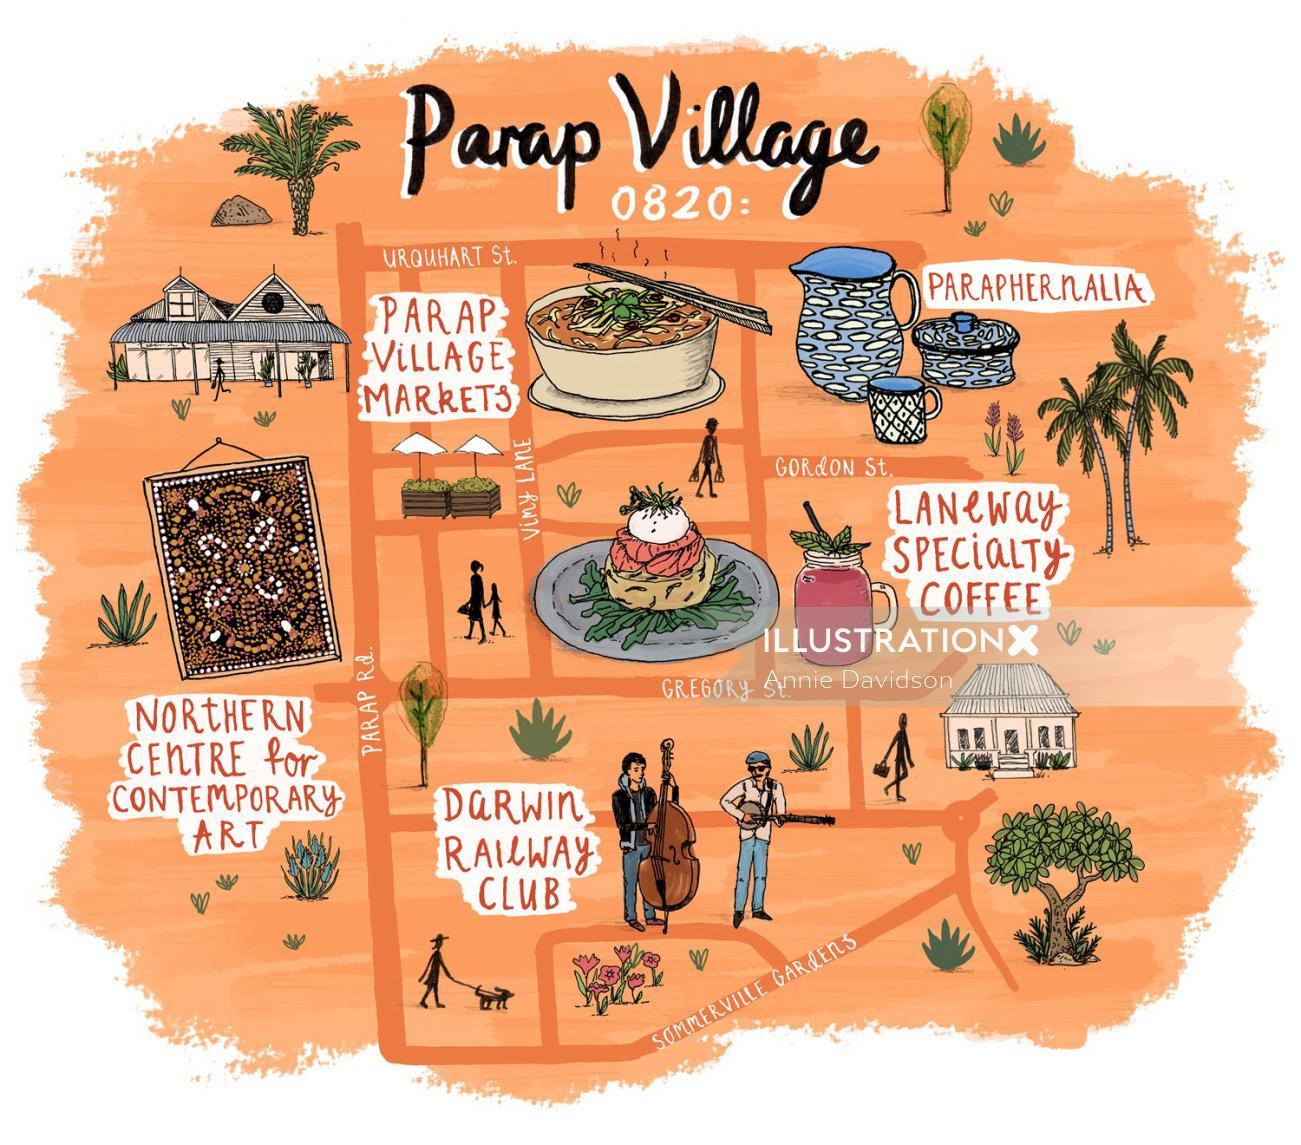 Jetstar Map illustration of Parap Village, Darwin